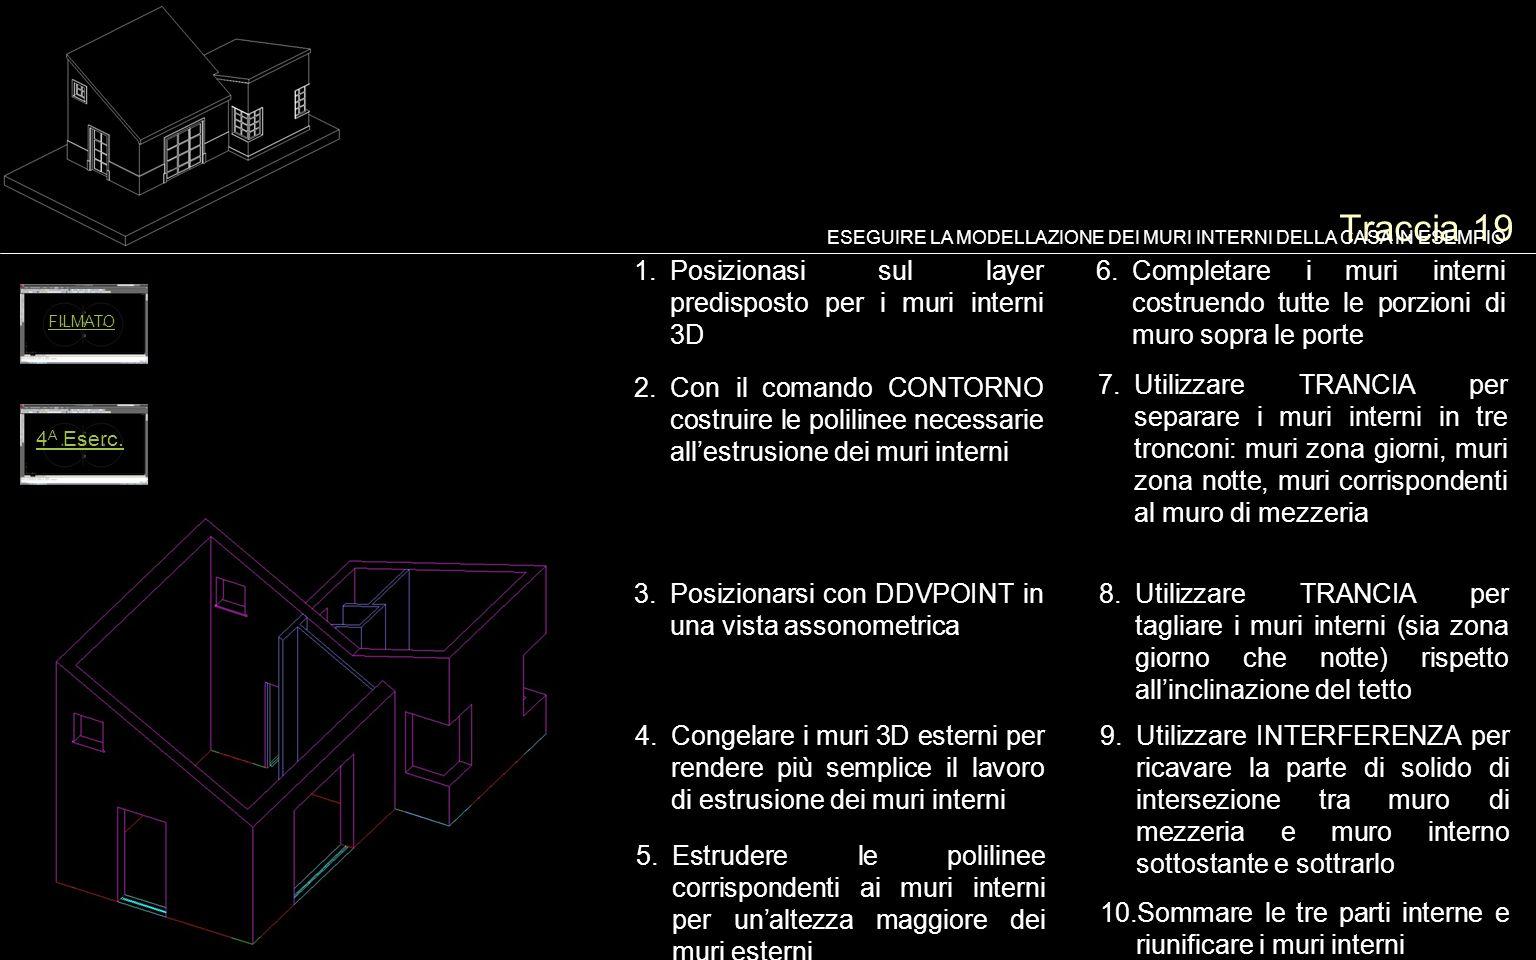 Traccia 19 Posizionasi sul layer predisposto per i muri interni 3D